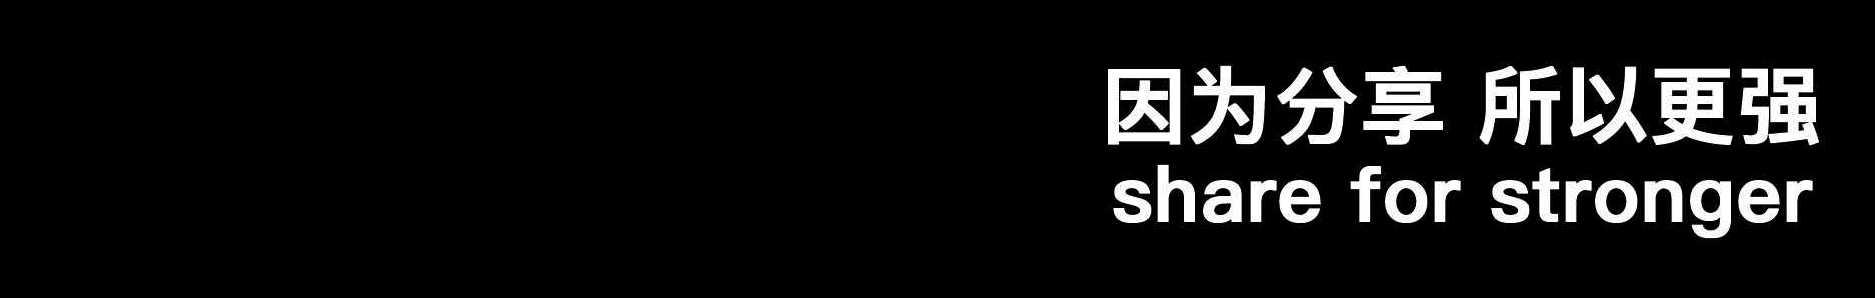 糖皮原创摄影分享 banner